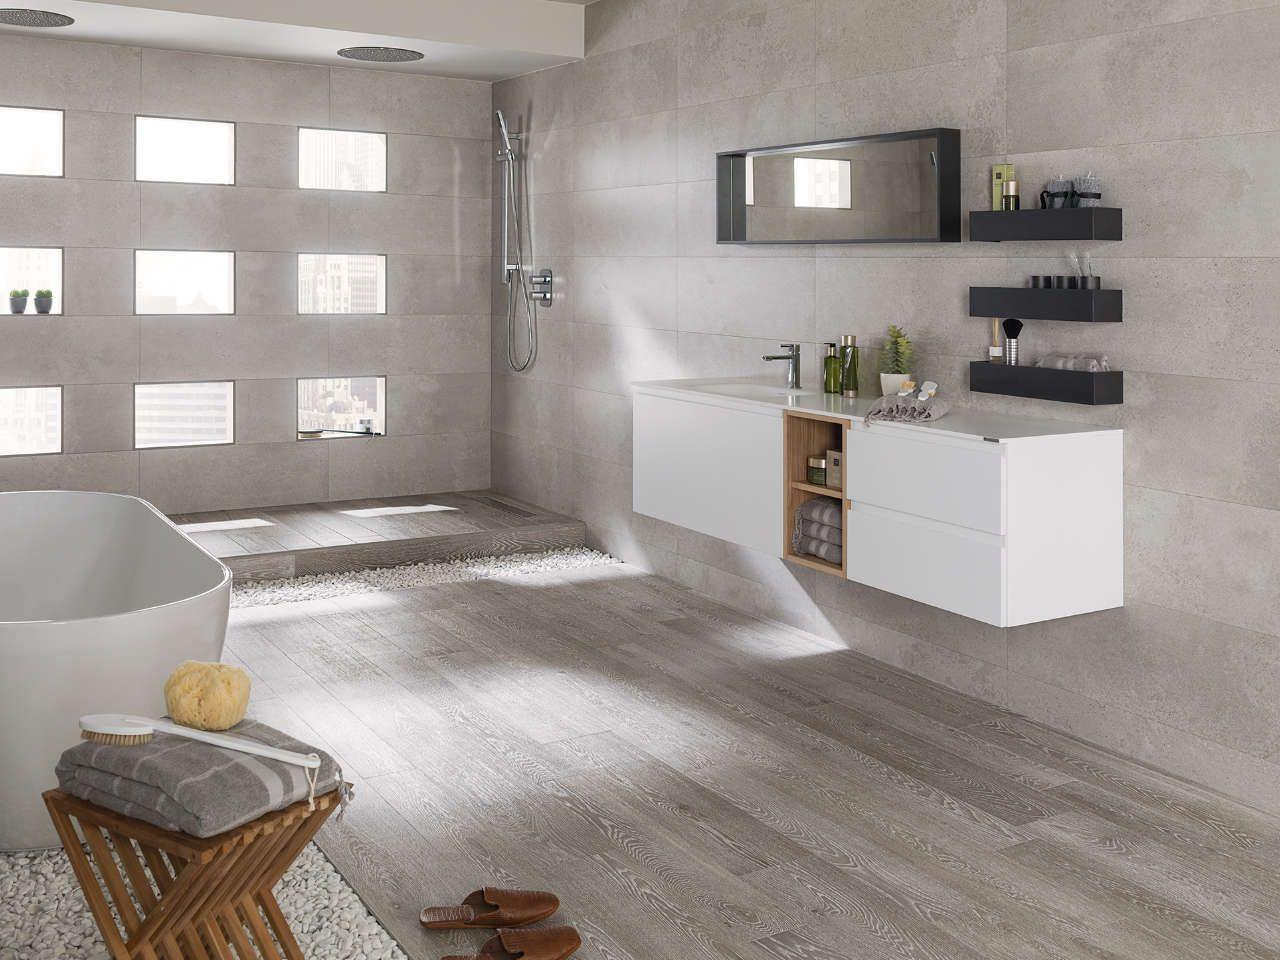 Pavimento par ker chester acero 14 3x90 cm 22x90 cm for Ceramica imitacion parquet